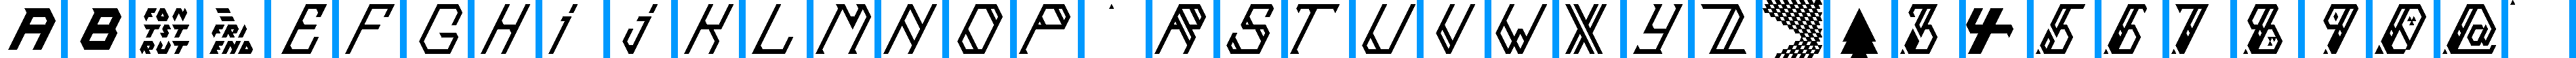 Particip-a-type v.335